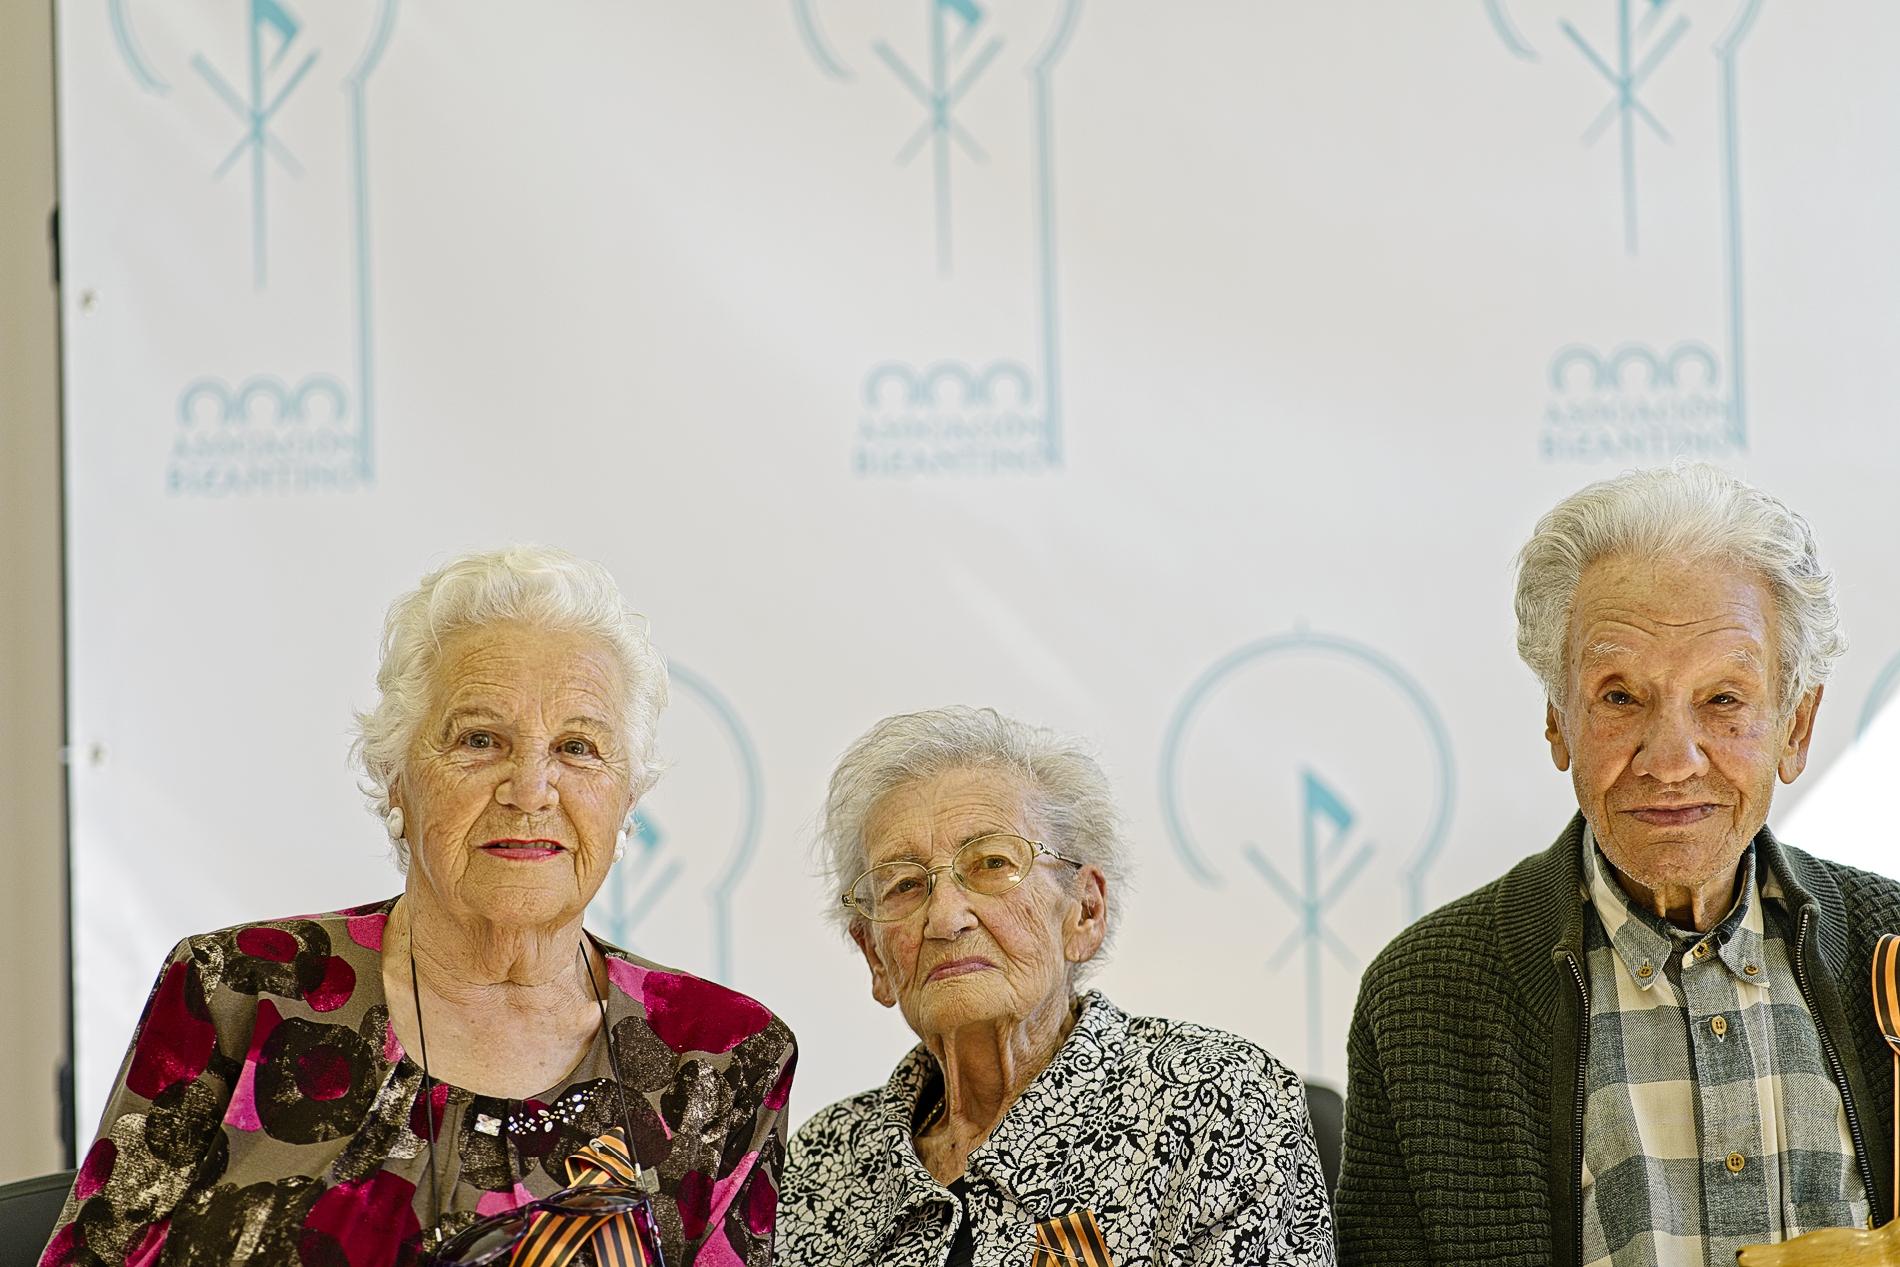 Матутина Родригес Ания, Мария Анхелес Оркоен Мерино, Хуан дель Молино Парра – так зовут этих прекрасных людей, наших новых знакомых.